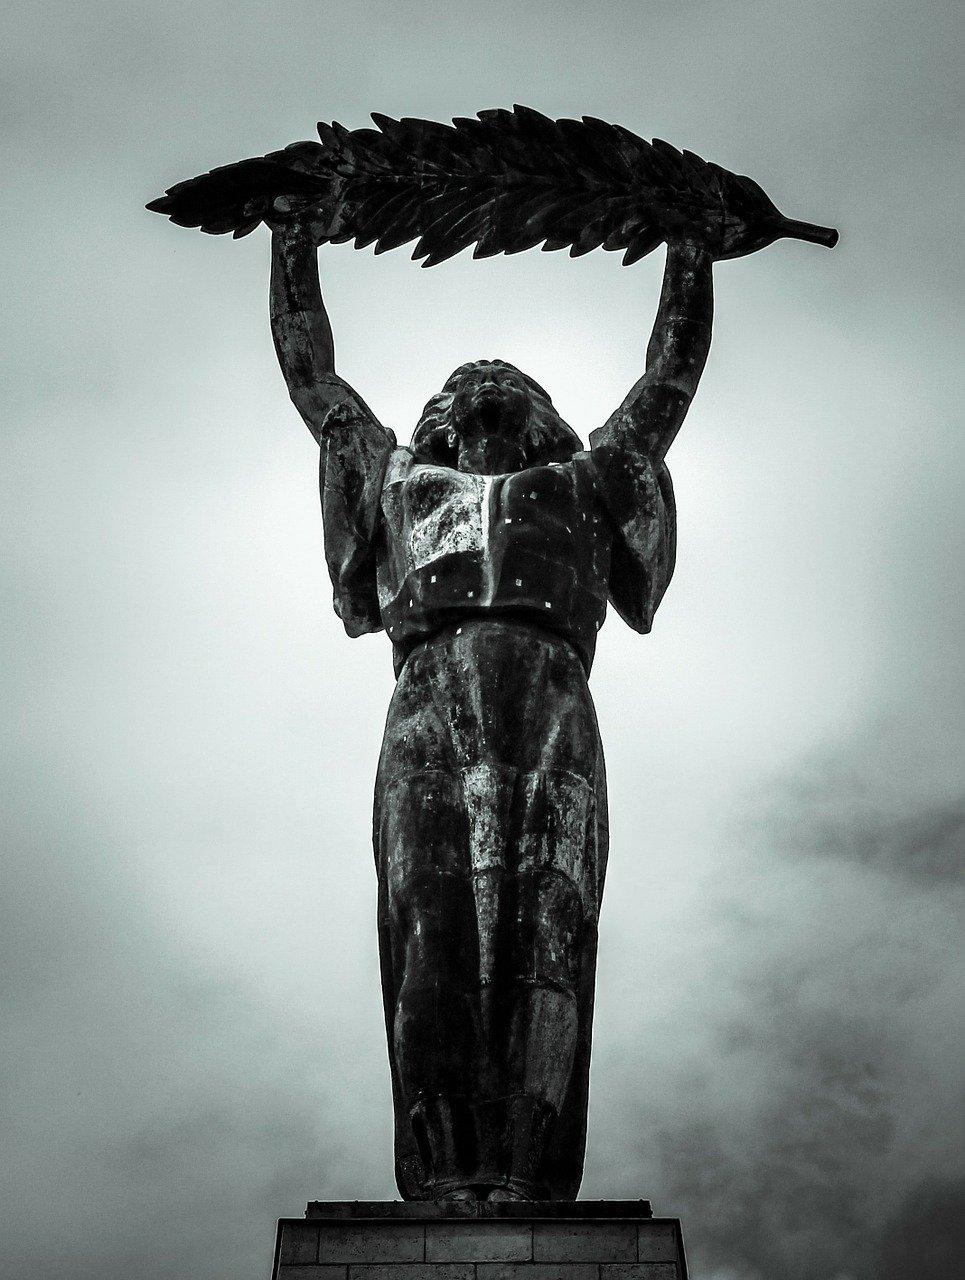 statue of liberty hungary